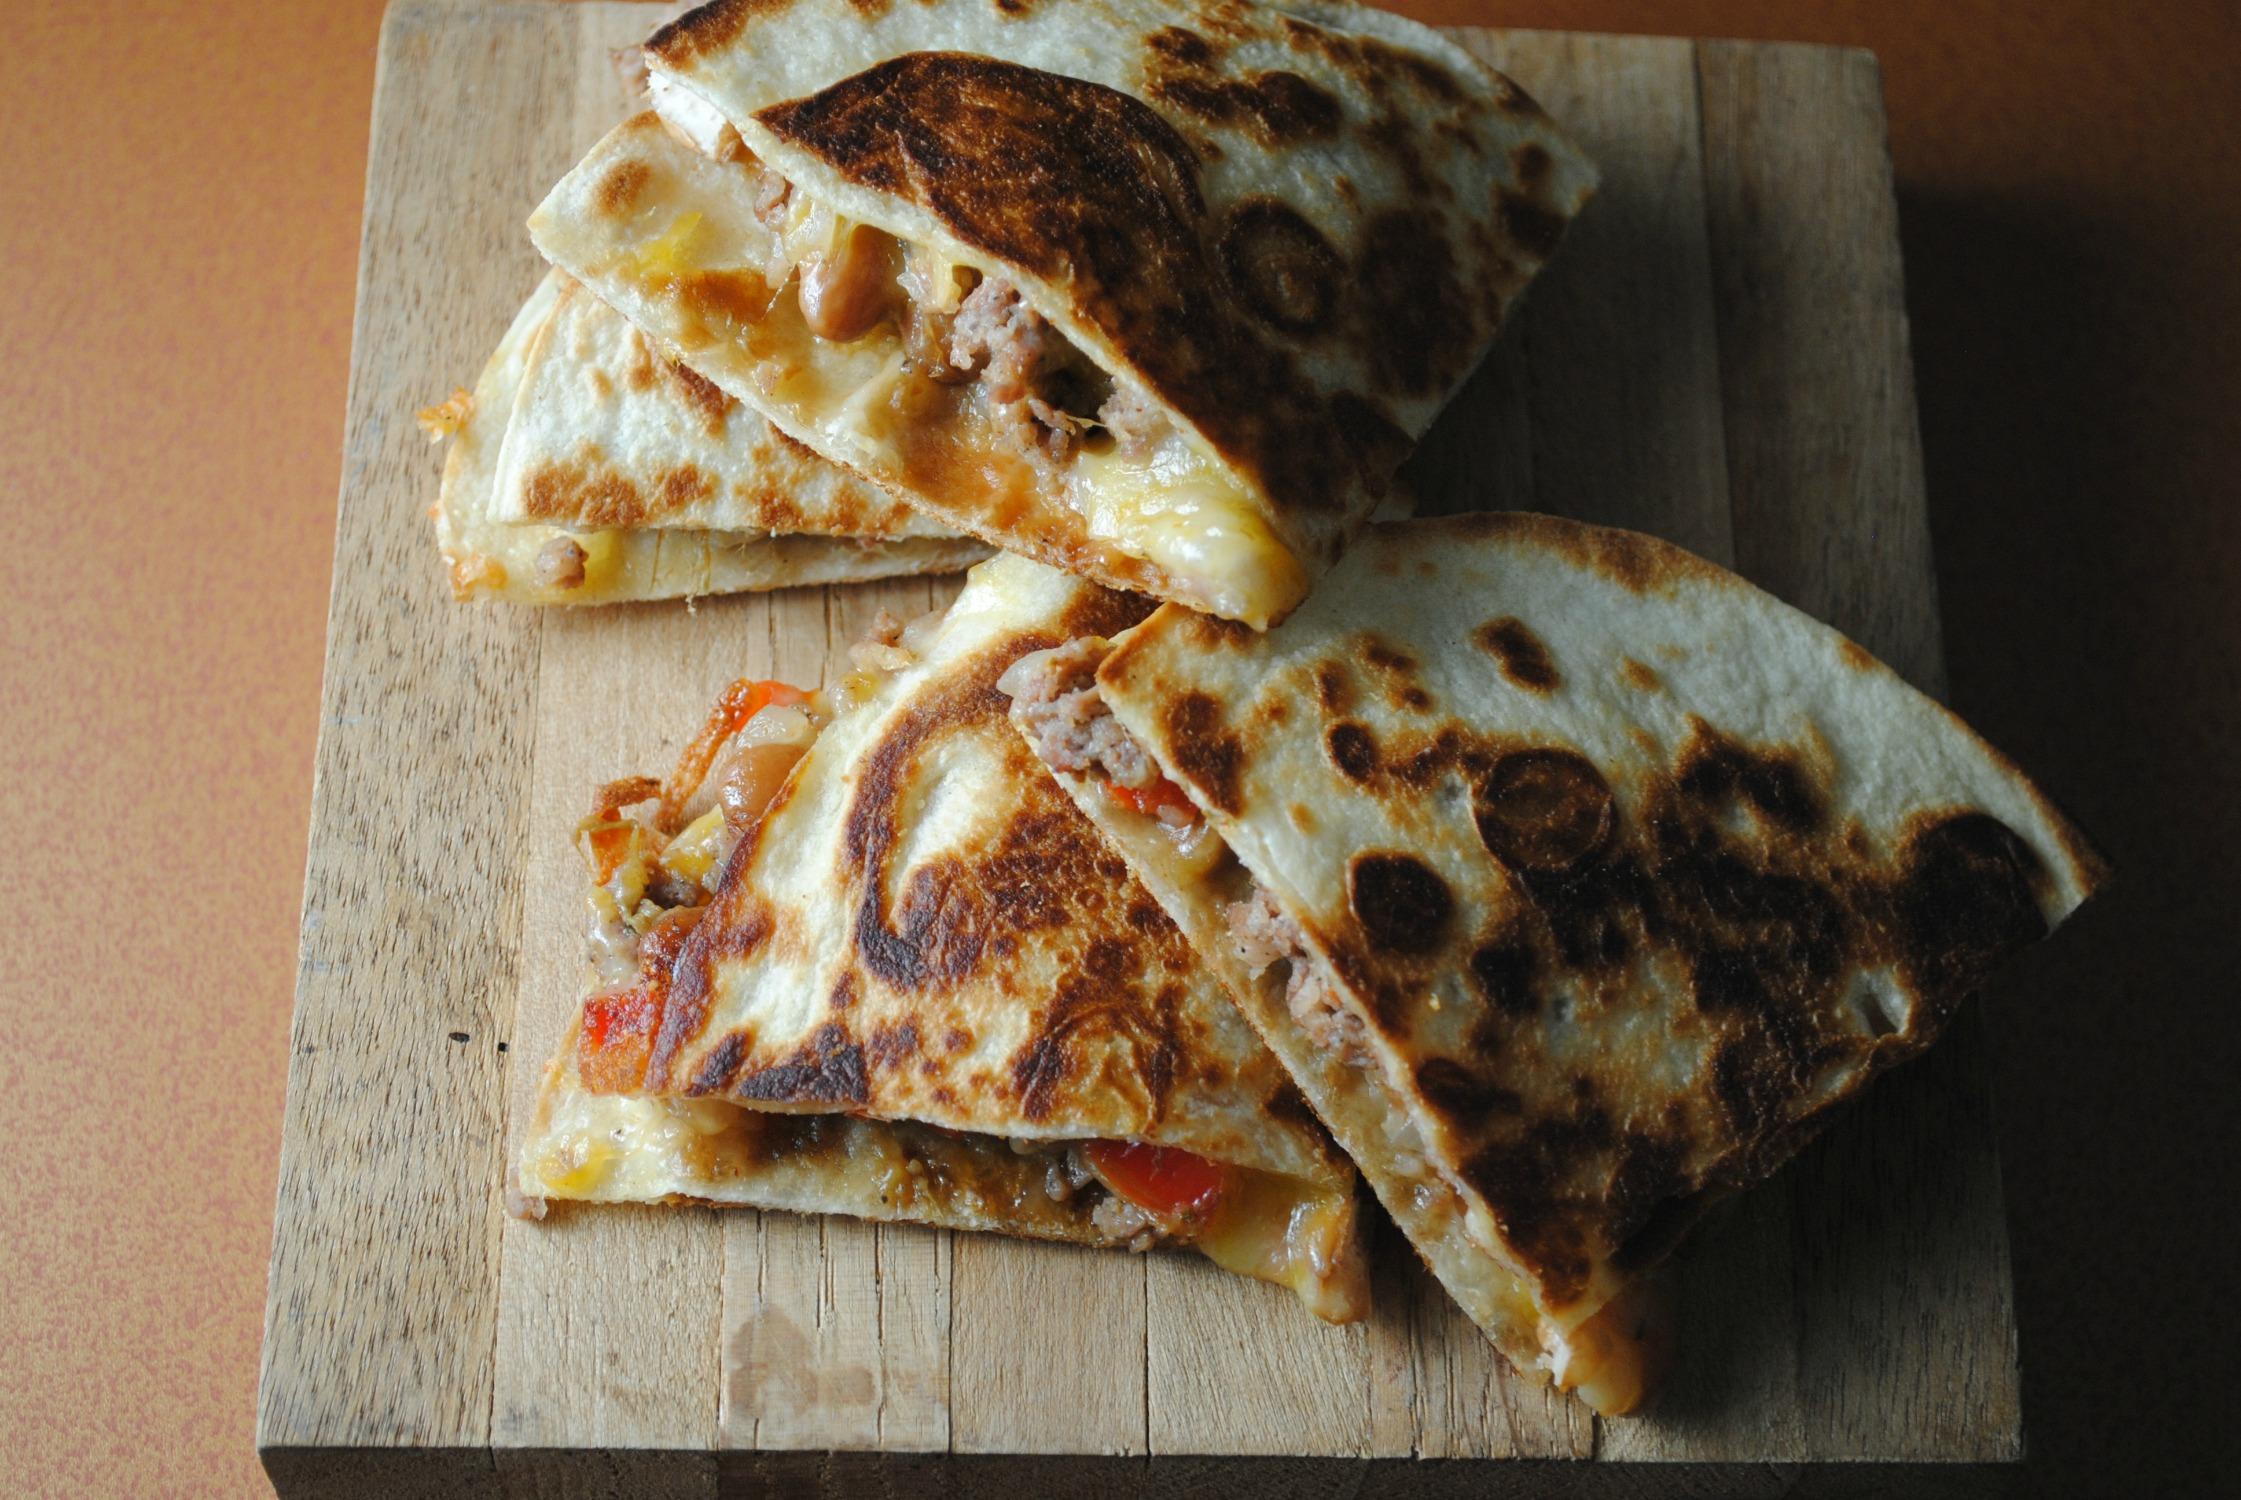 http://sweetlifebake.com/2014/09/10/pinto-bean-sausage-quesadillas/